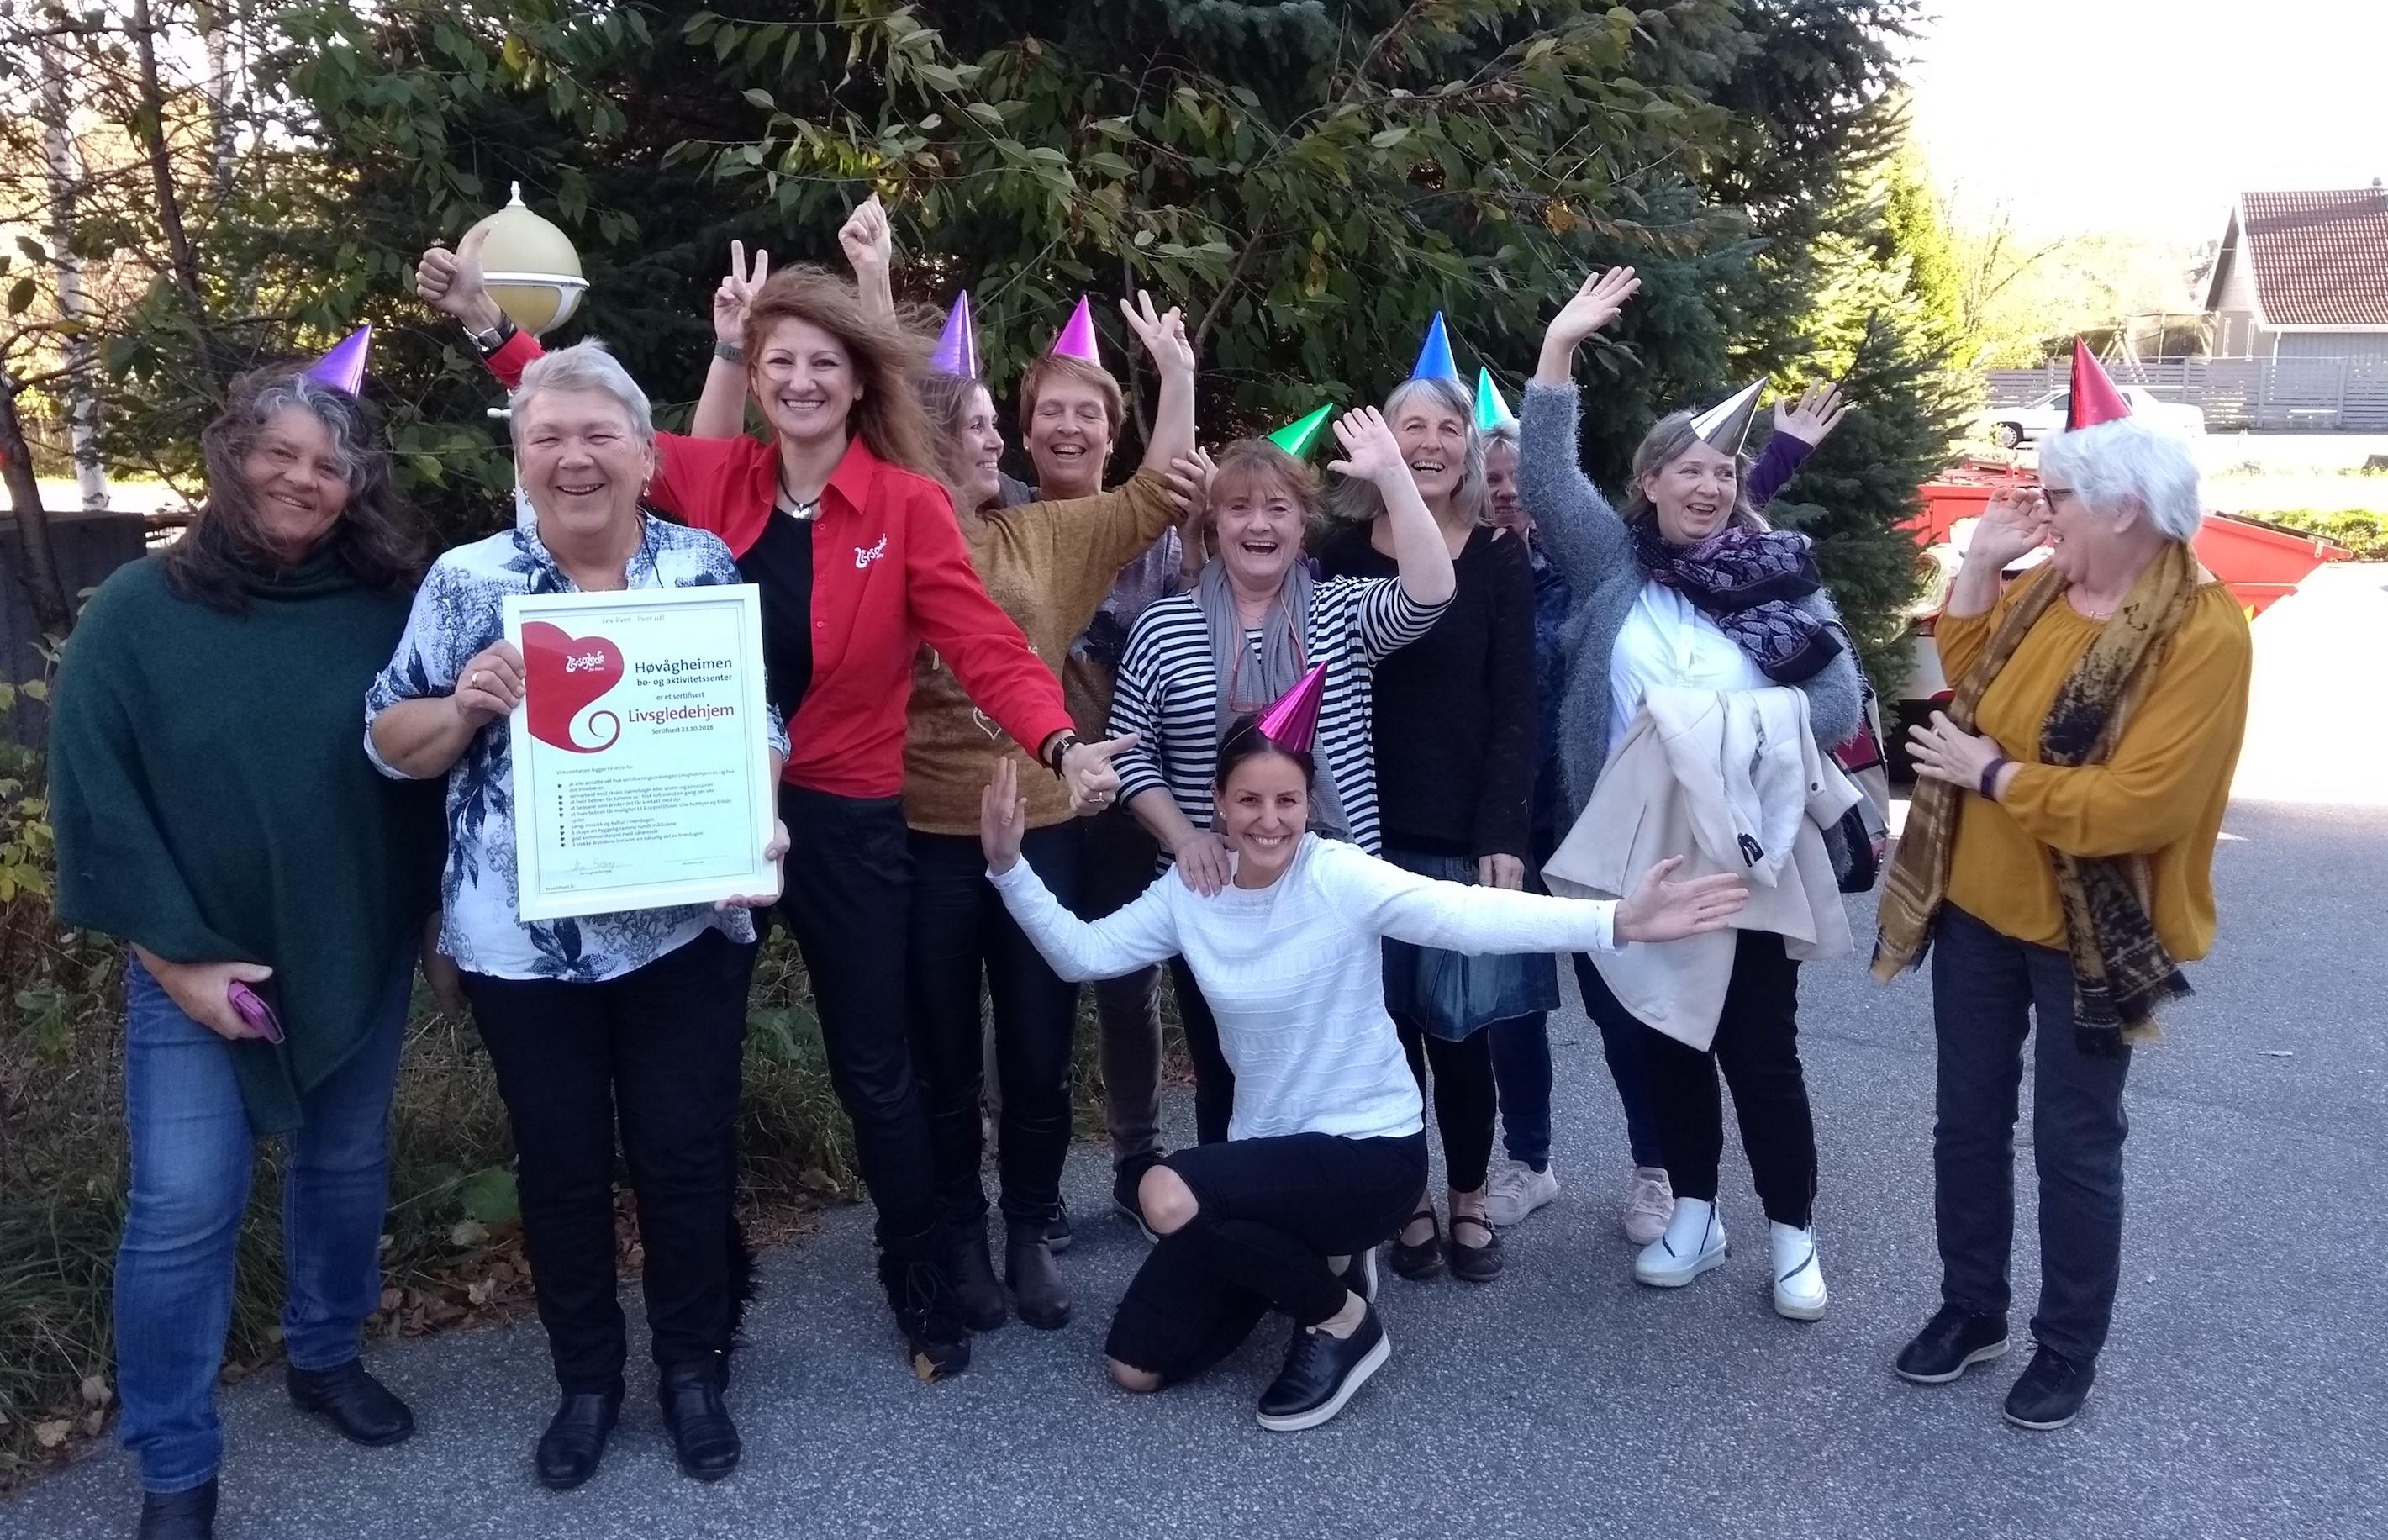 Hele livsgledegruppen på Høgvågheimen BOA med partyhatter på etter gjennomført sertifisering som Livsgledehjem